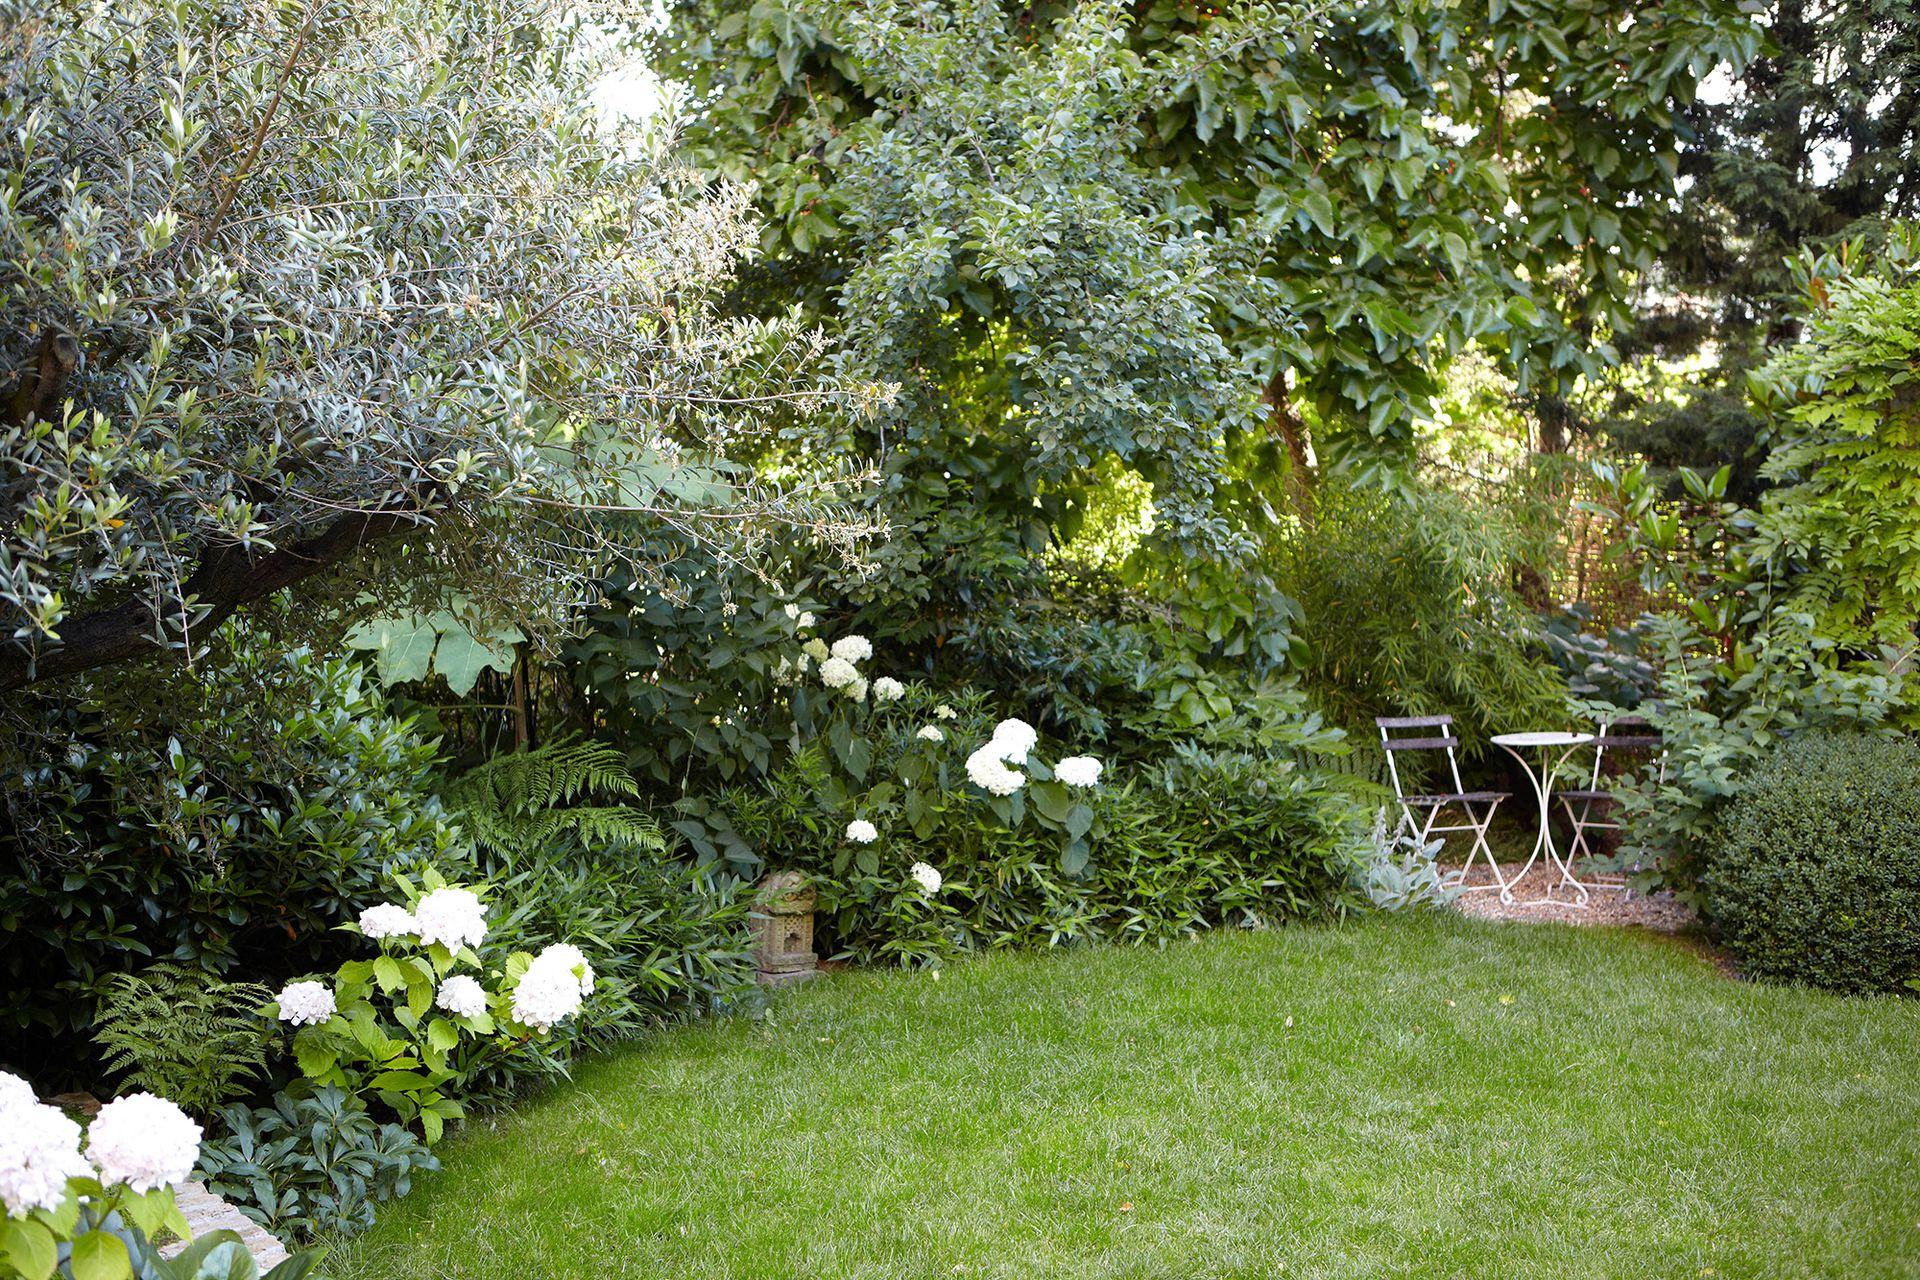 Entre las plantas una mesa al resguardo del verde.